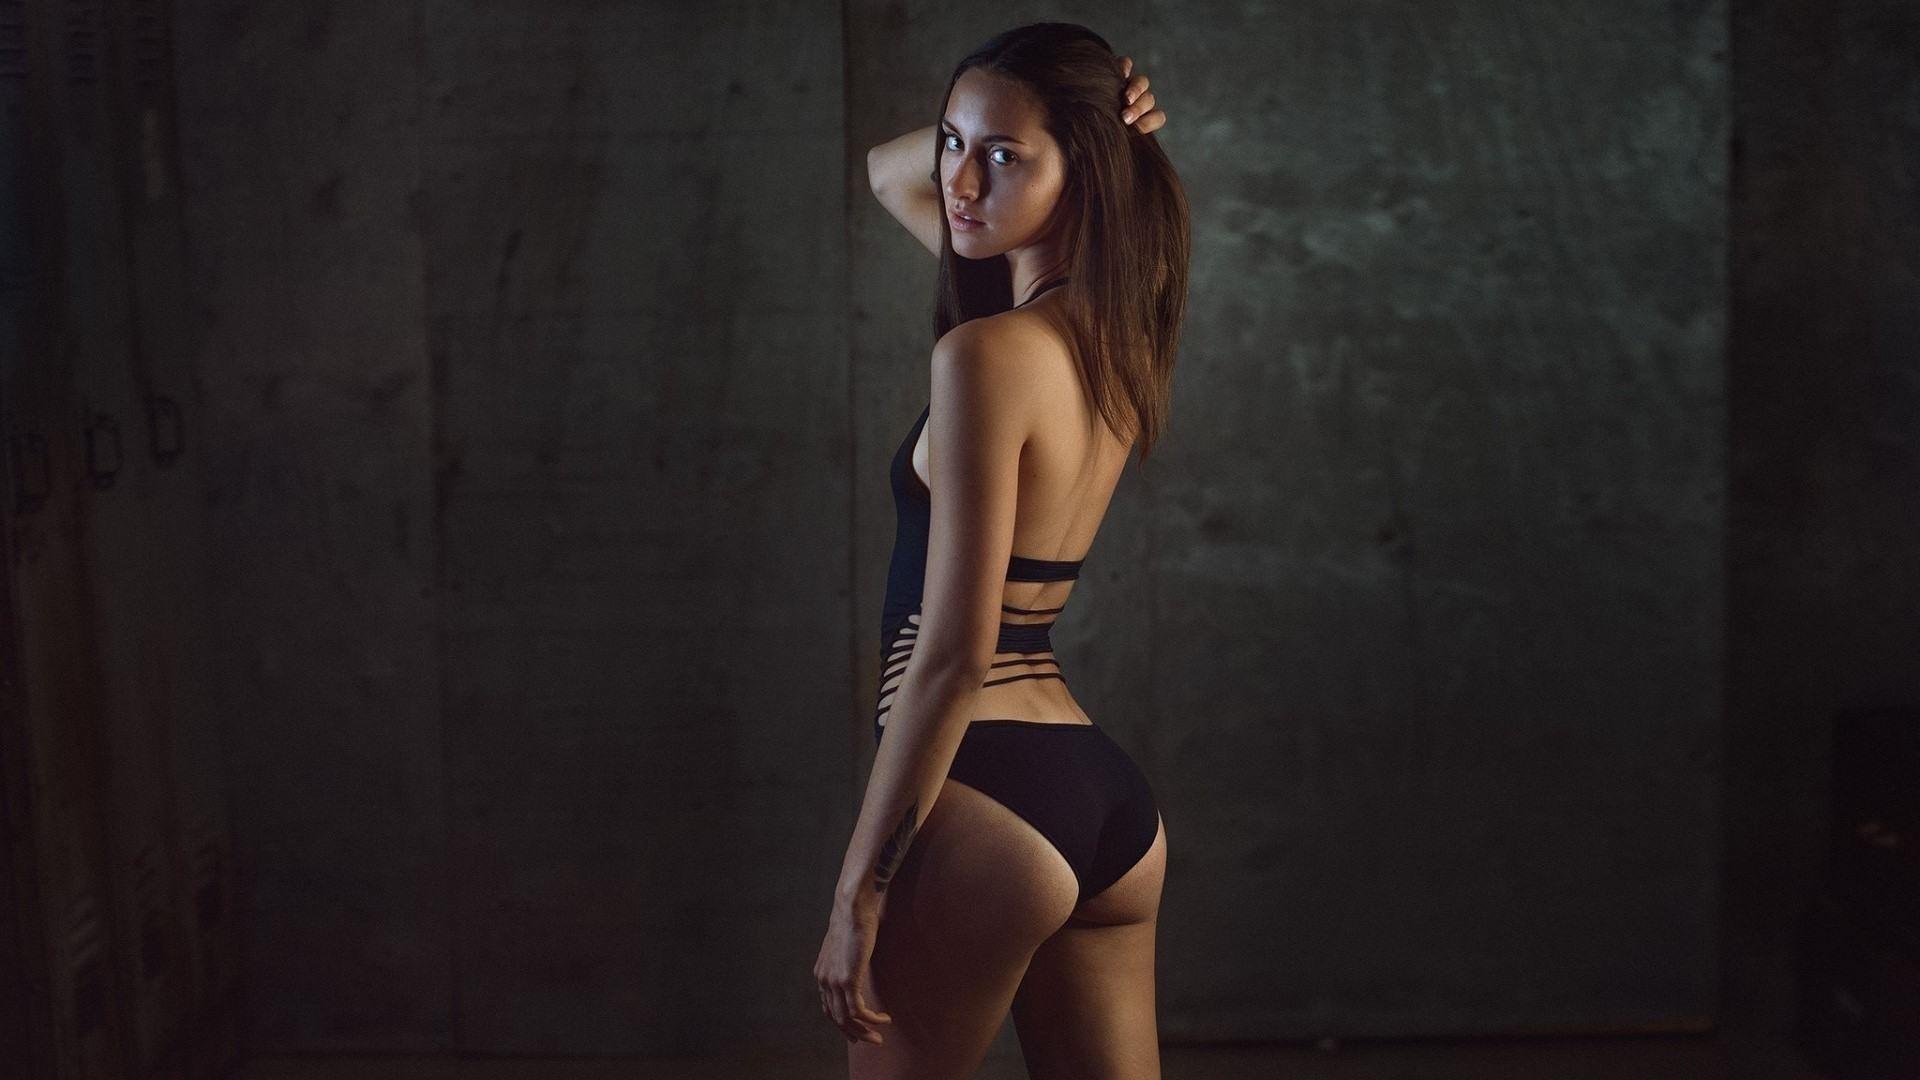 Фото Девушка в черном купальнике, милая попка, поправляет волосы в темноте, скачать картинку бесплатно